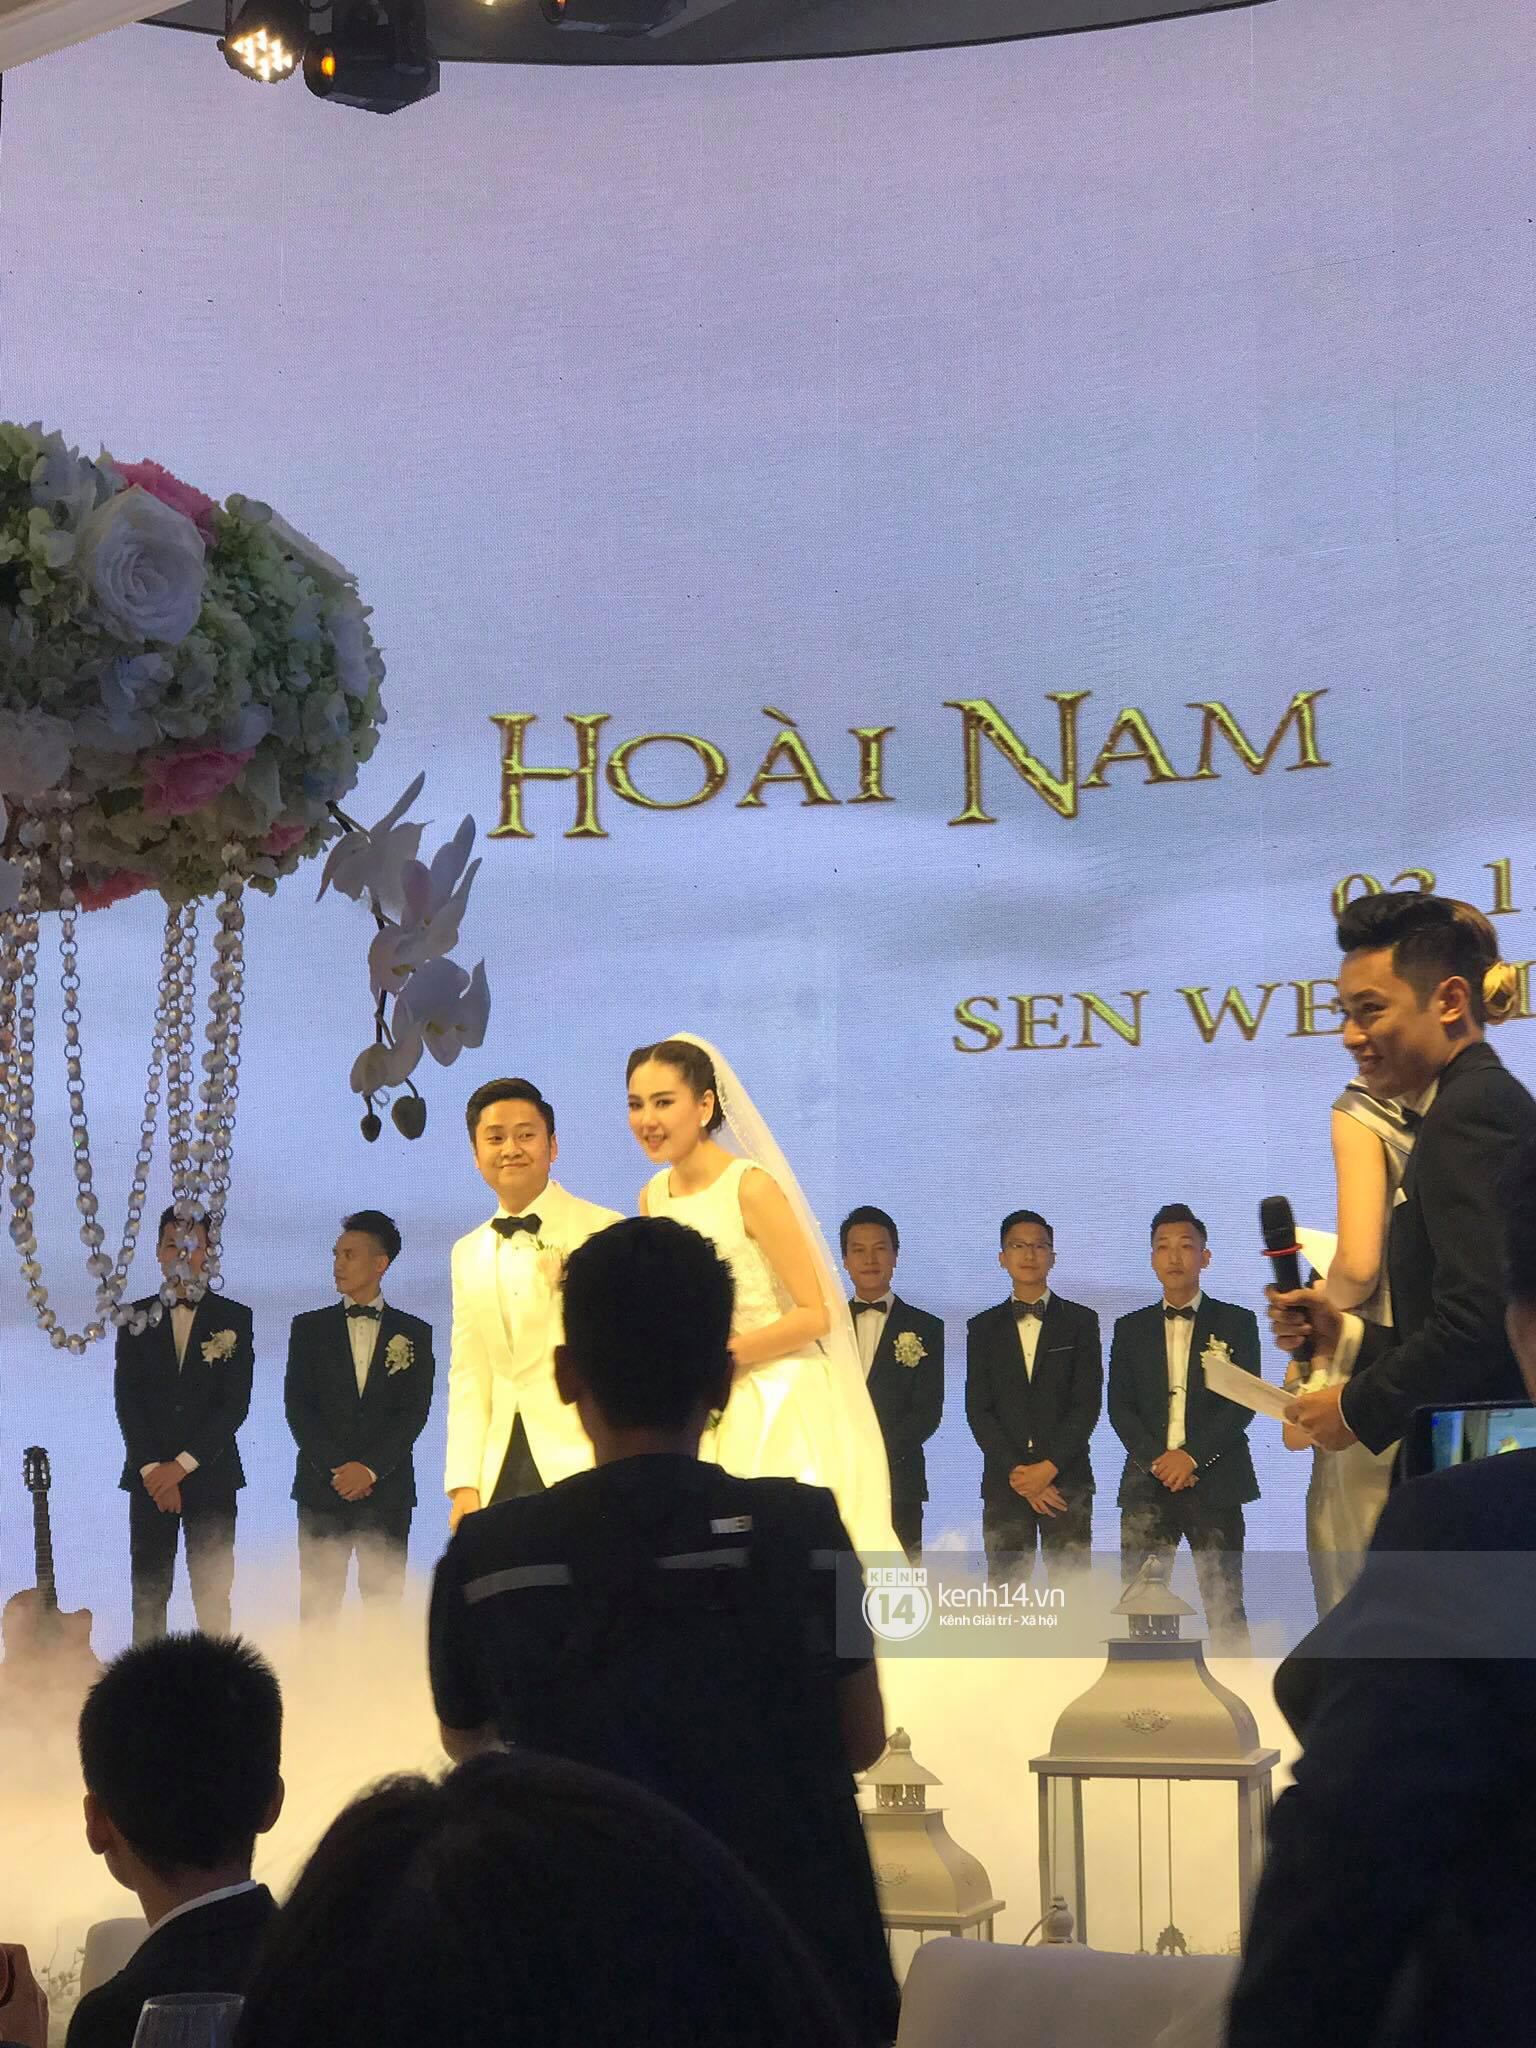 Đám cưới MC Mai Ngọc: Không gian lộng lẫy, cầu kỳ, xứng đáng là đám cưới sang chảnh nhất Hà Nội hôm nay - Ảnh 17.